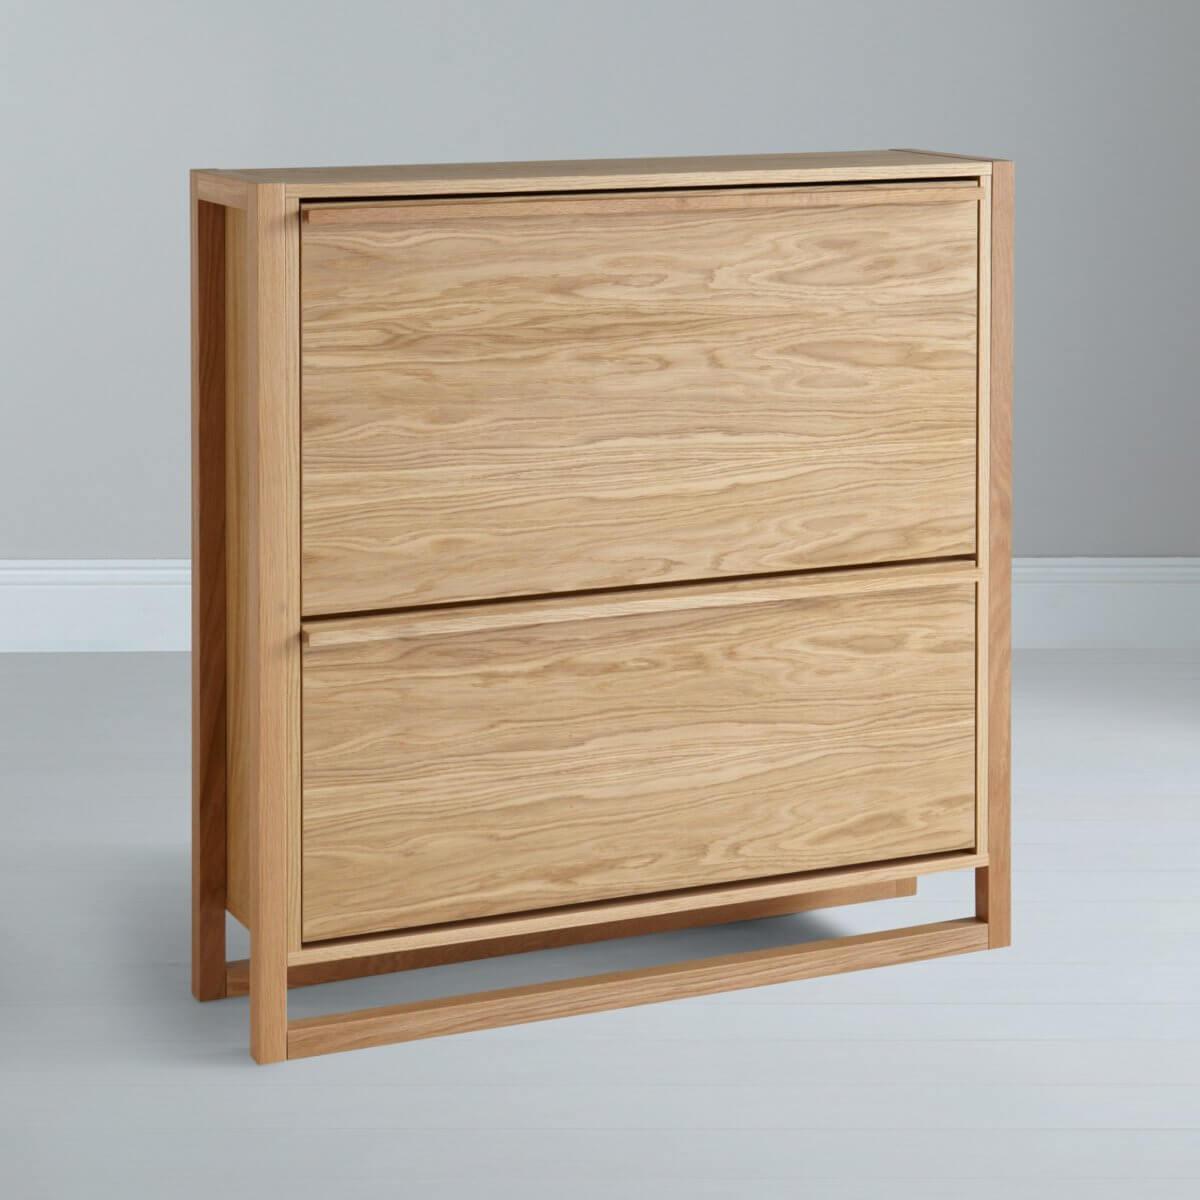 Oak veneer shoe cabinet with 2 drawers